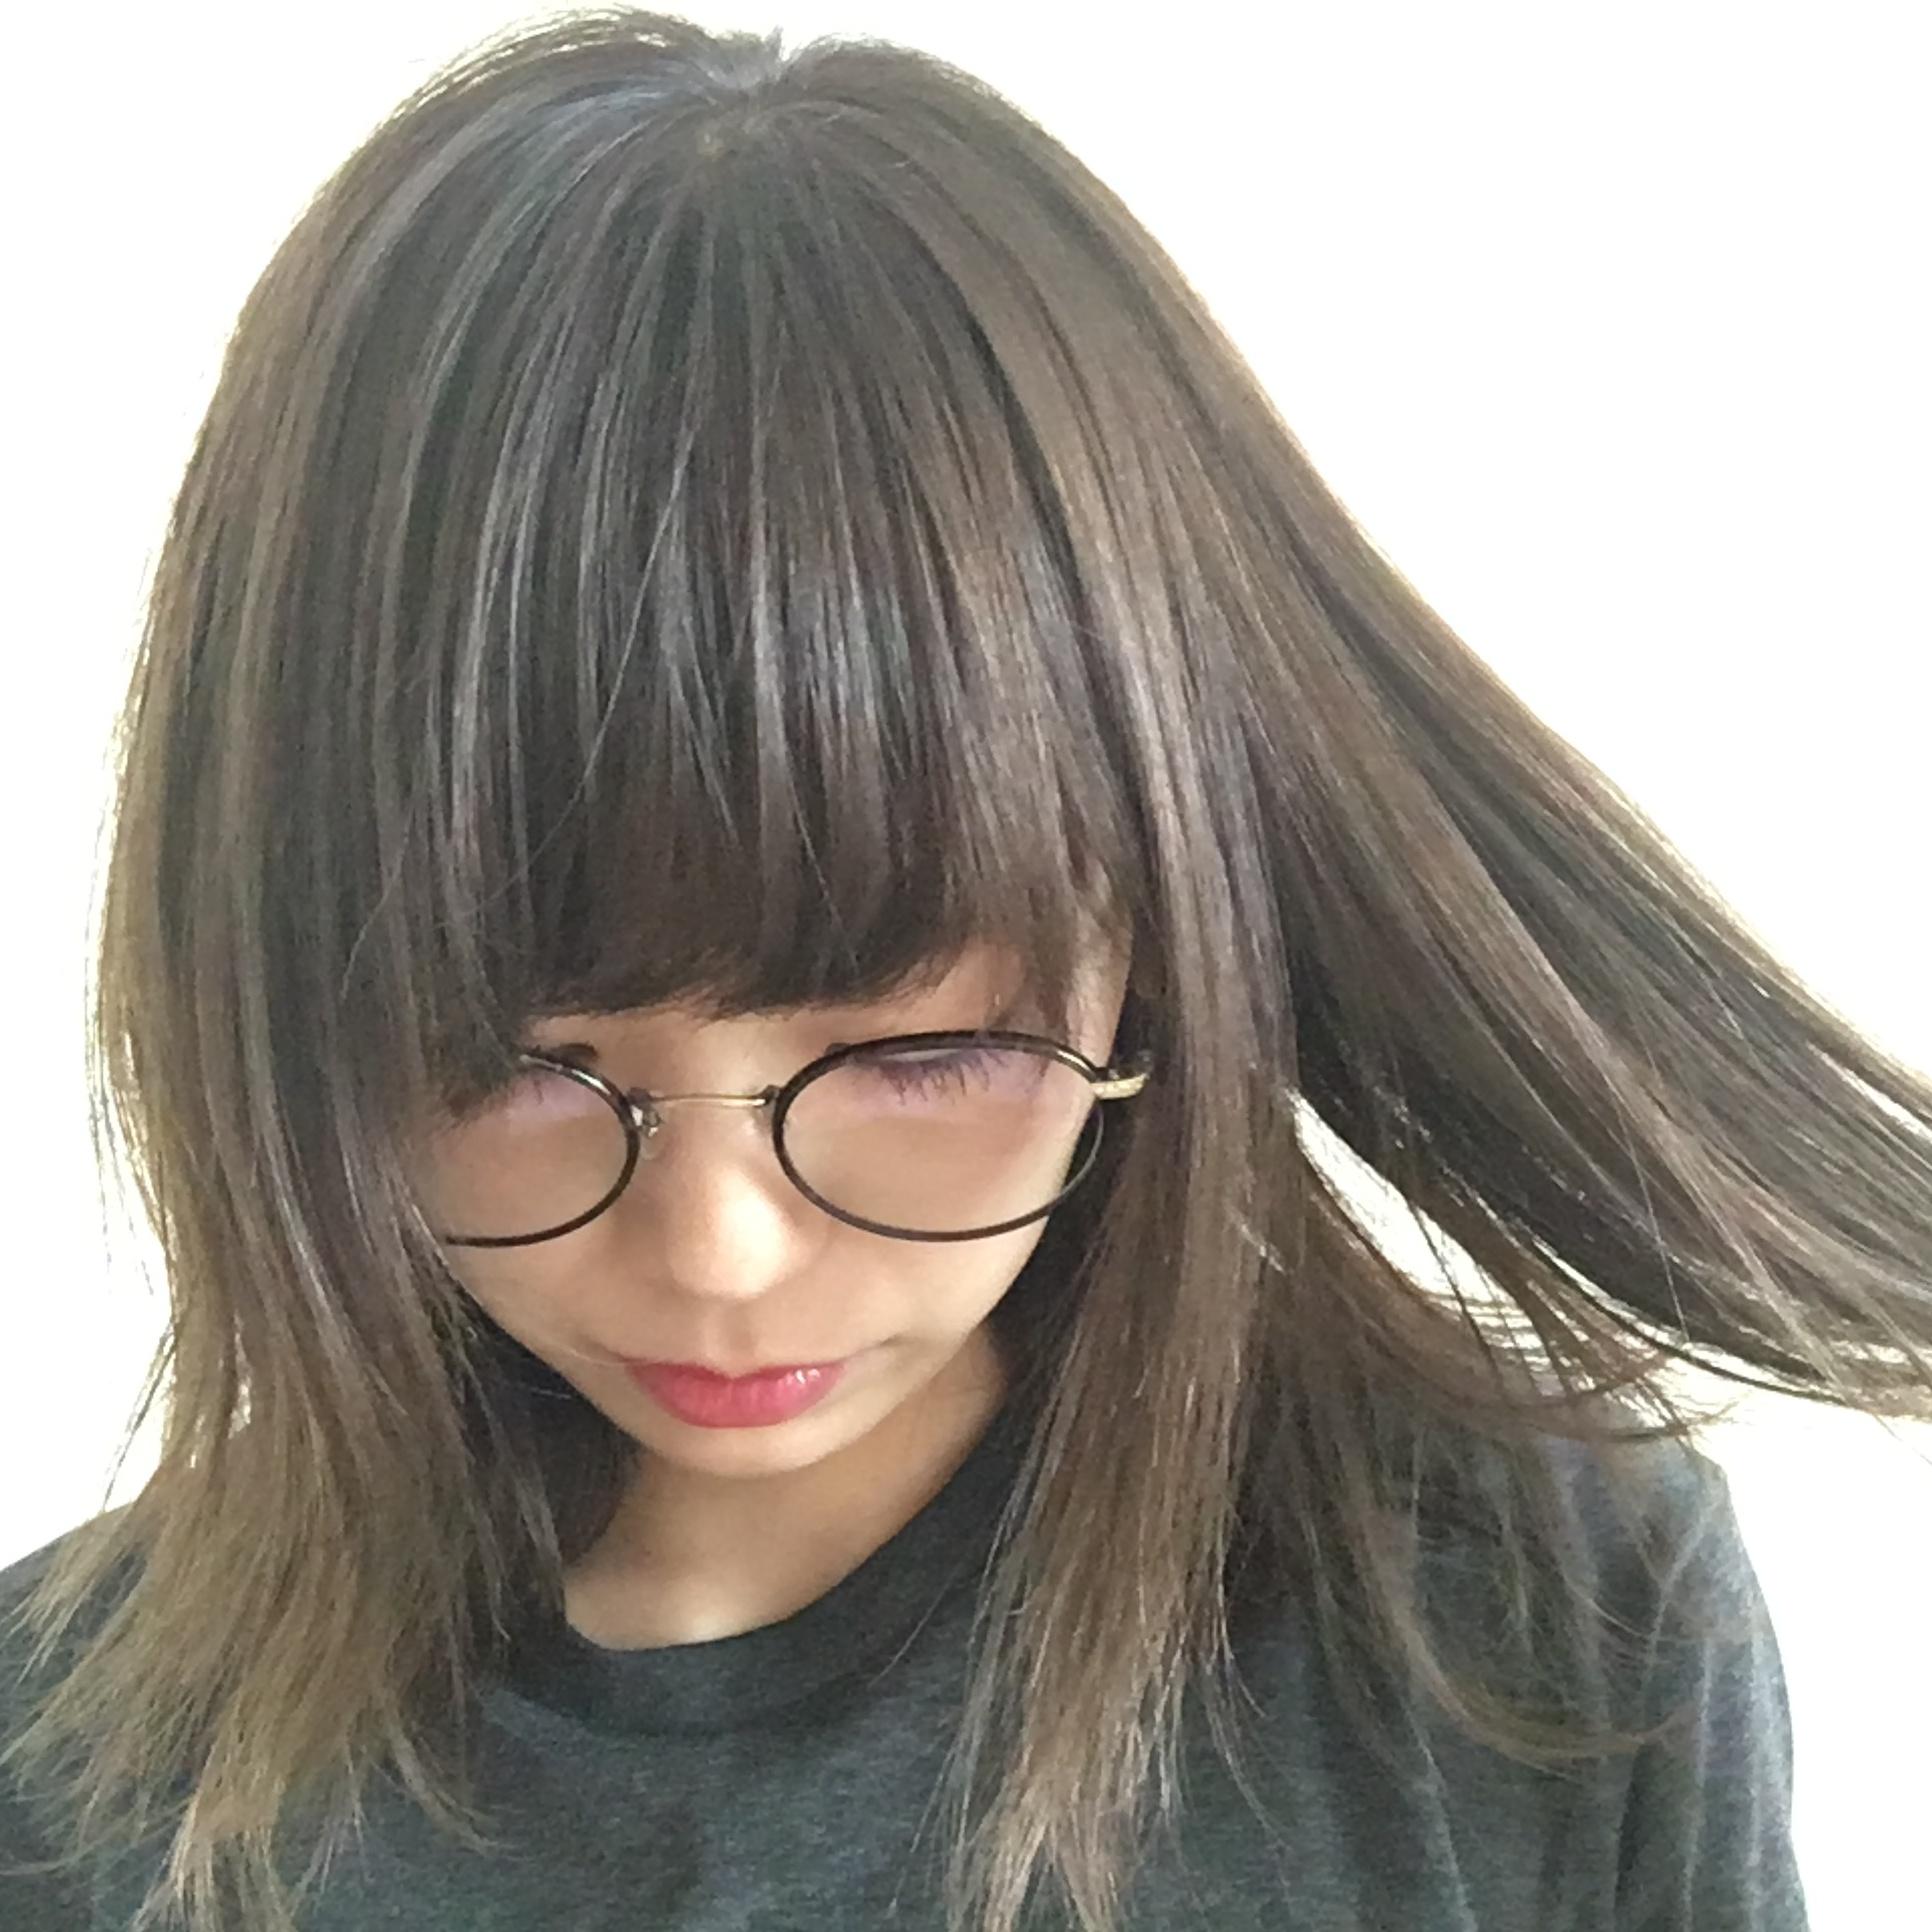 ★夏に向けて【原宿 k.e.y 】でヘアチェンジ!そして前髪伸ばし中!!_3